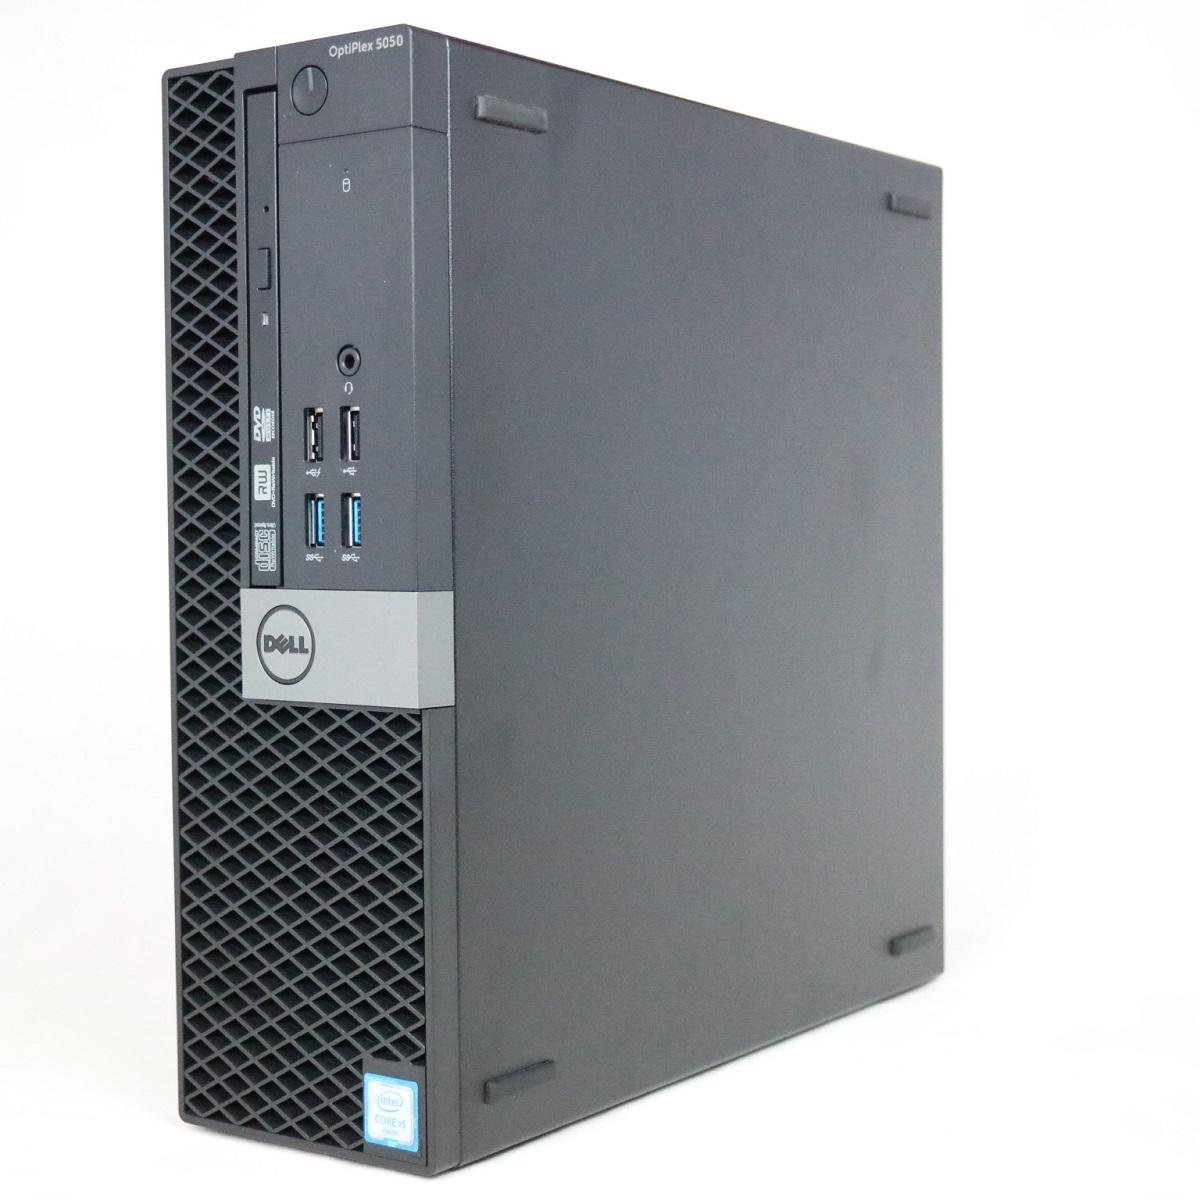 専門店 DELL Optiplex 5050SFF Core i7-7700 3.6GHz 8GB 中古 Bランク セットアップ済み 1TB オンラインショップ Windows10 HDD